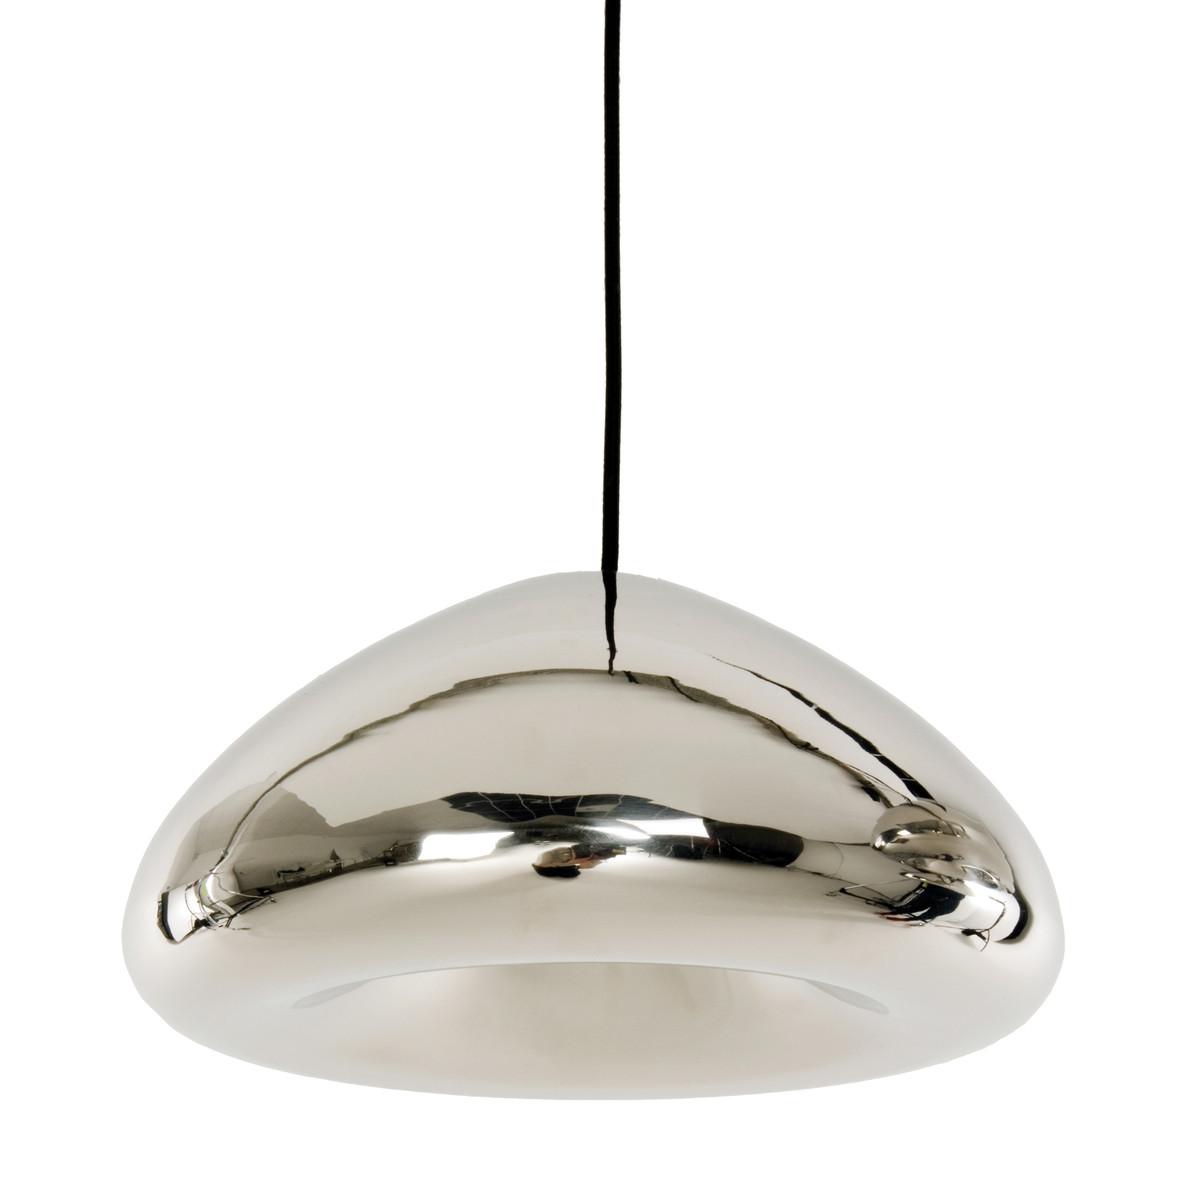 tom dixon void lamp modern design by. Black Bedroom Furniture Sets. Home Design Ideas